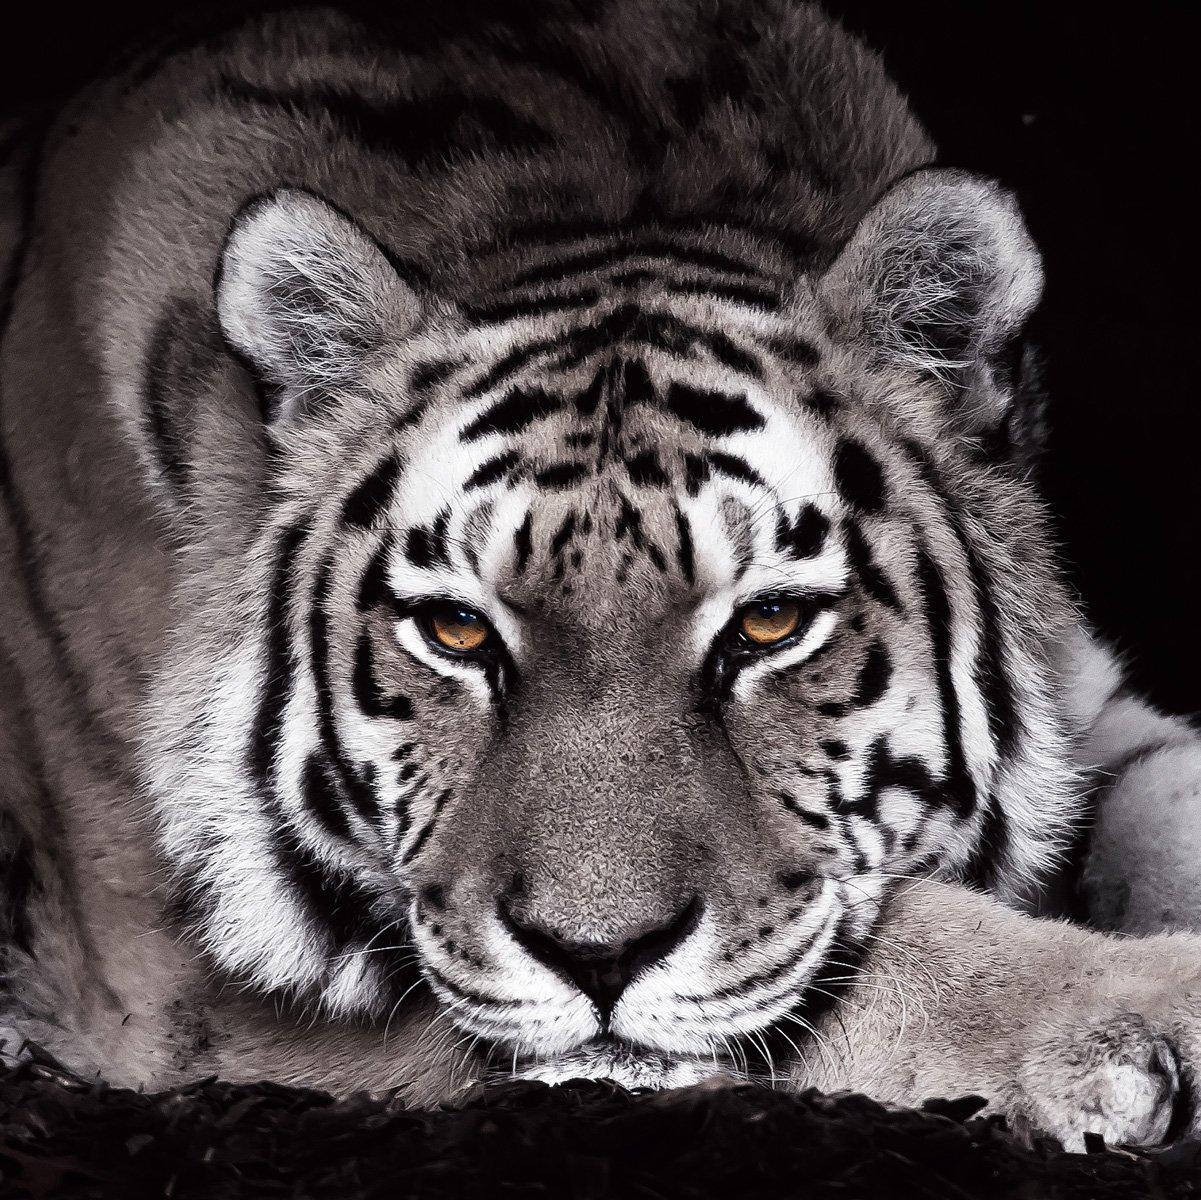 Eurographics DG-GLE1101 - Quadro ornamentale in vetro, immagine: tigre nera, 30 x 30 cm EUROGRAPHICS INTERNATIONAL